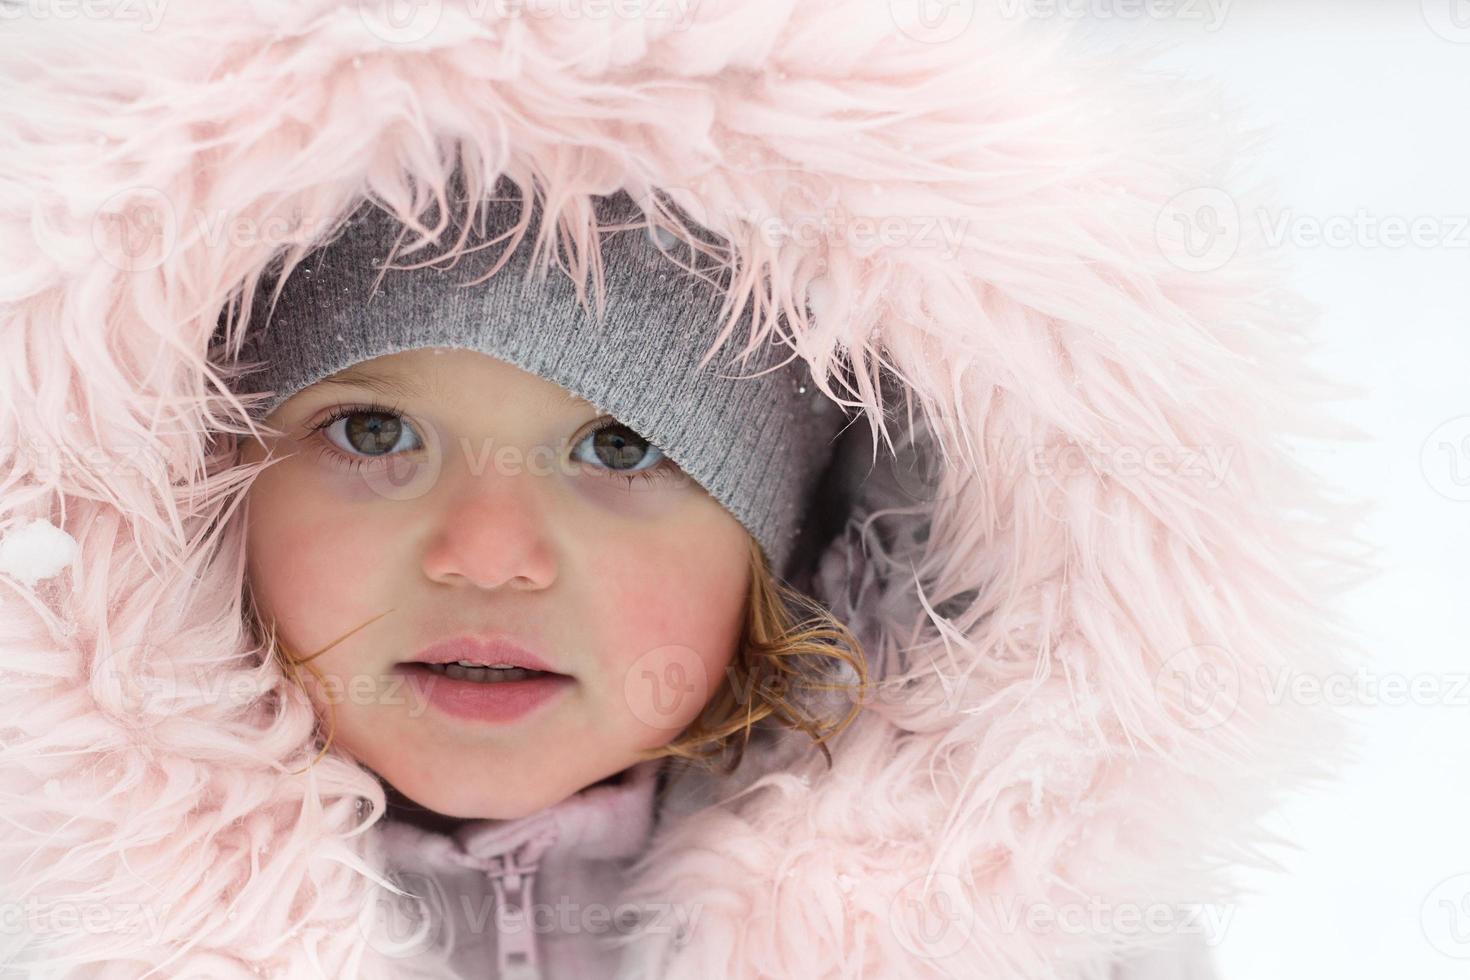 vinterporträtt av en vacker liten flicka på en snöig dag foto